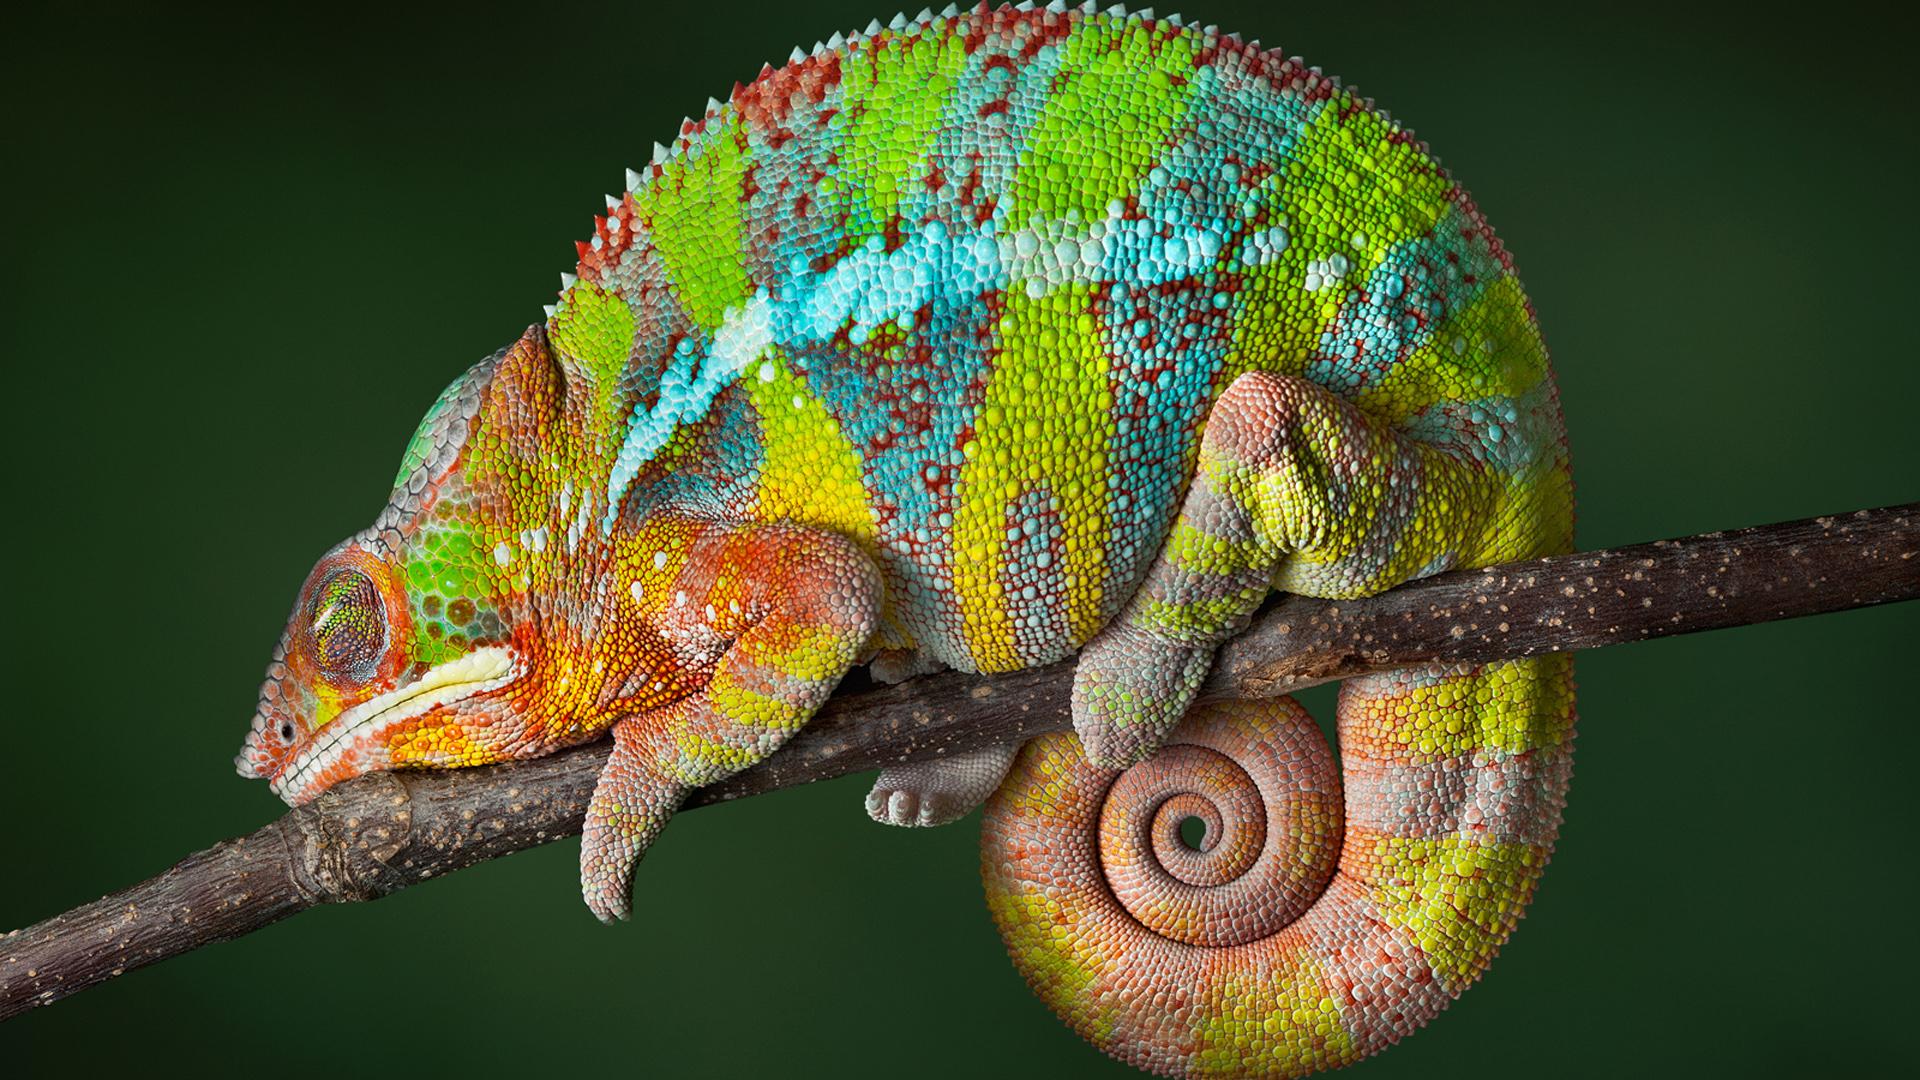 Chameleon Striped Lizard Sleep Tail In Round Desktop Hd